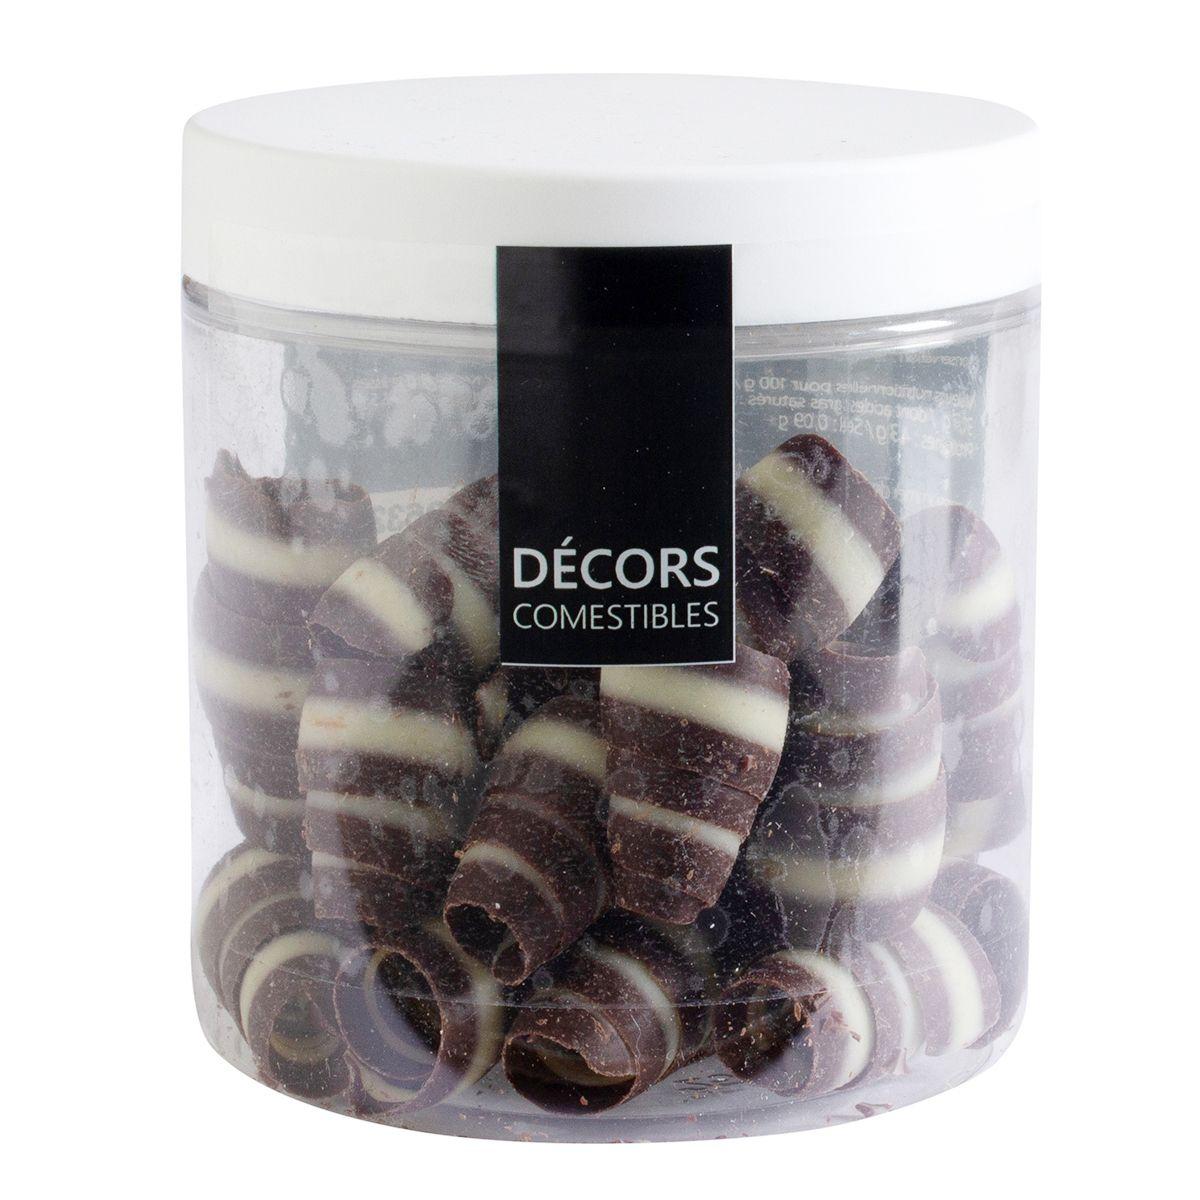 Décor en chocolat : maxi copeaux au deux chocolats noir et blanc 50 gr